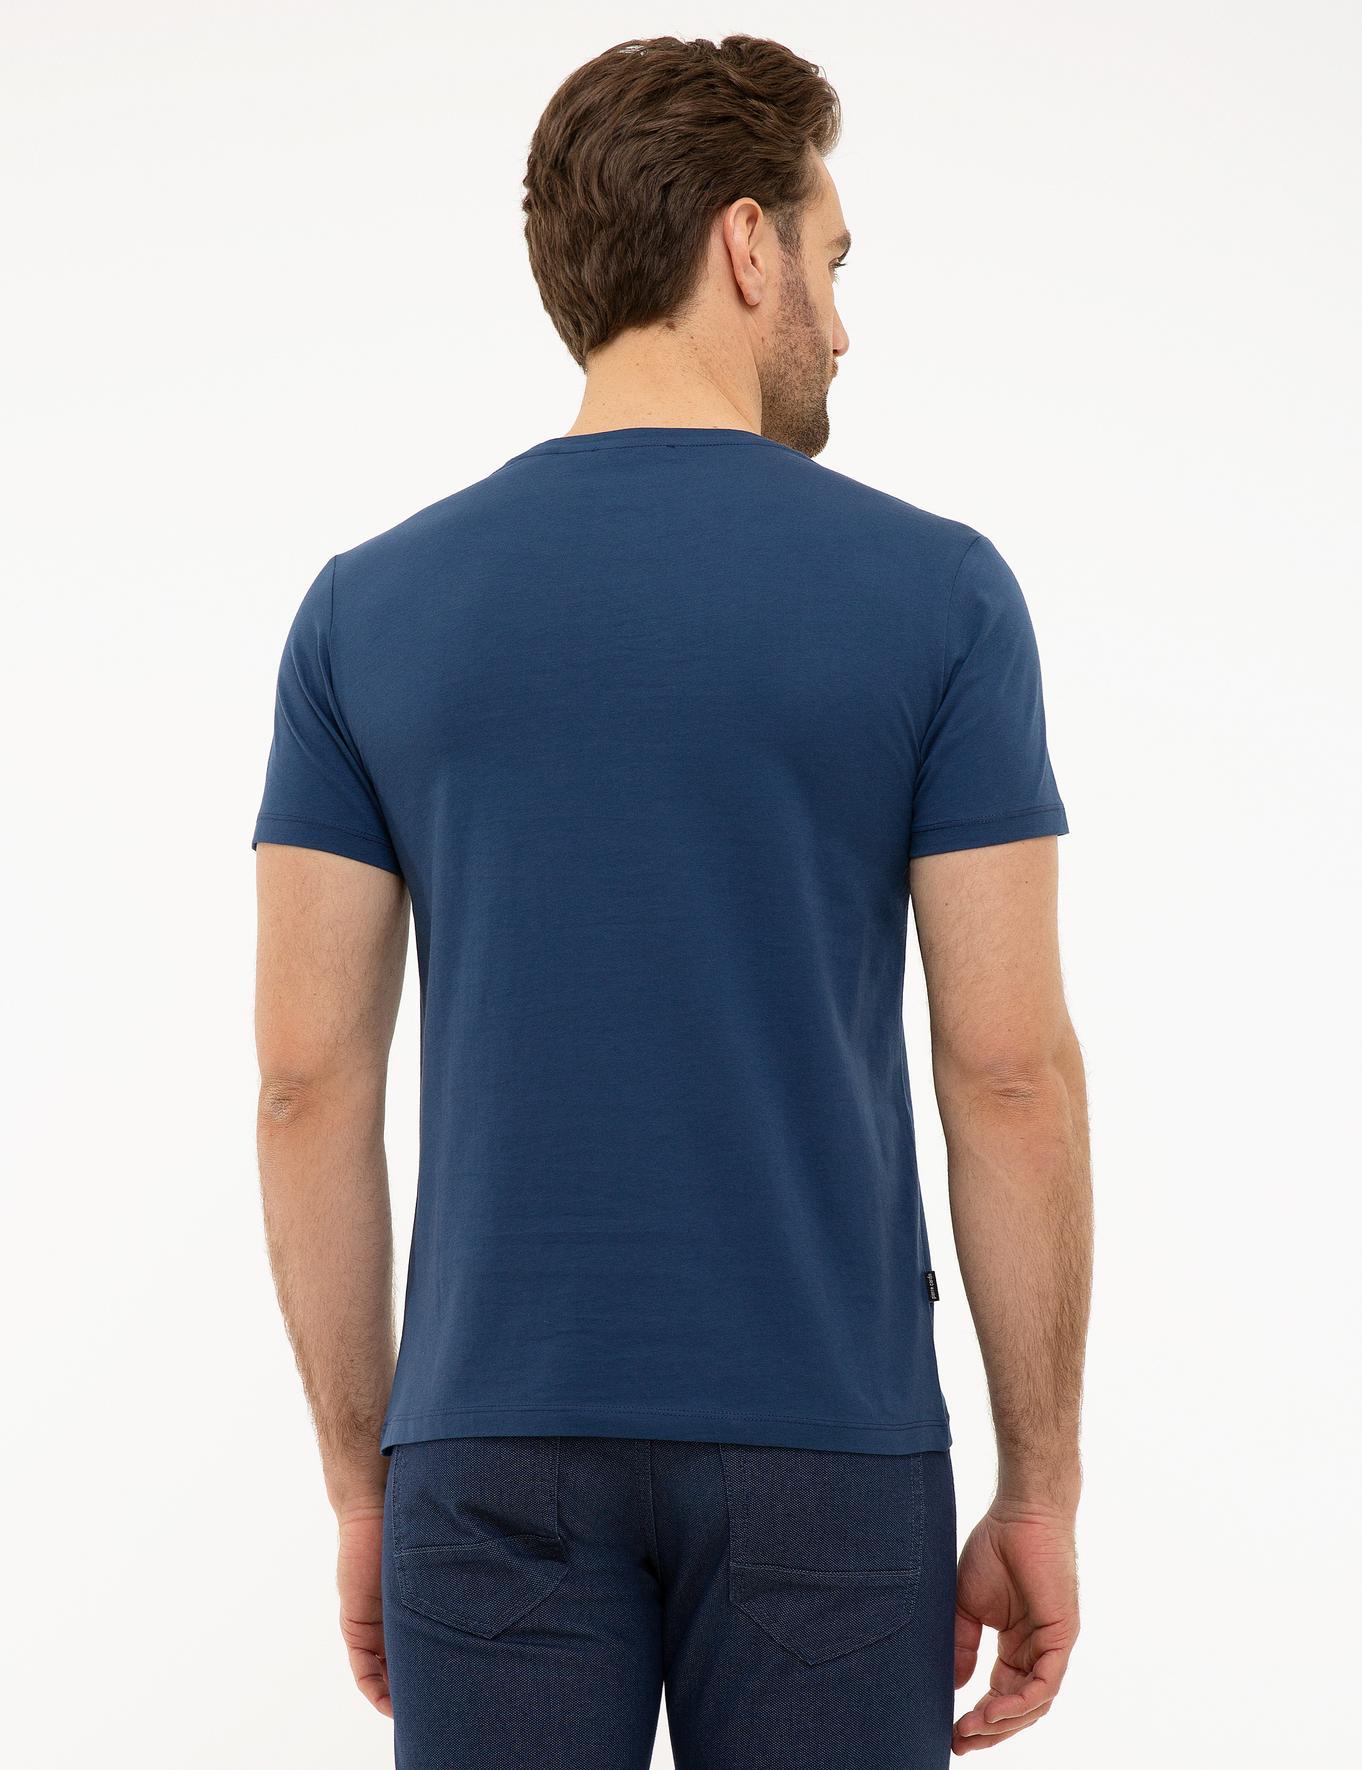 Koyu Mavi Slim Fit Bisiklet Yaka T-Shirt